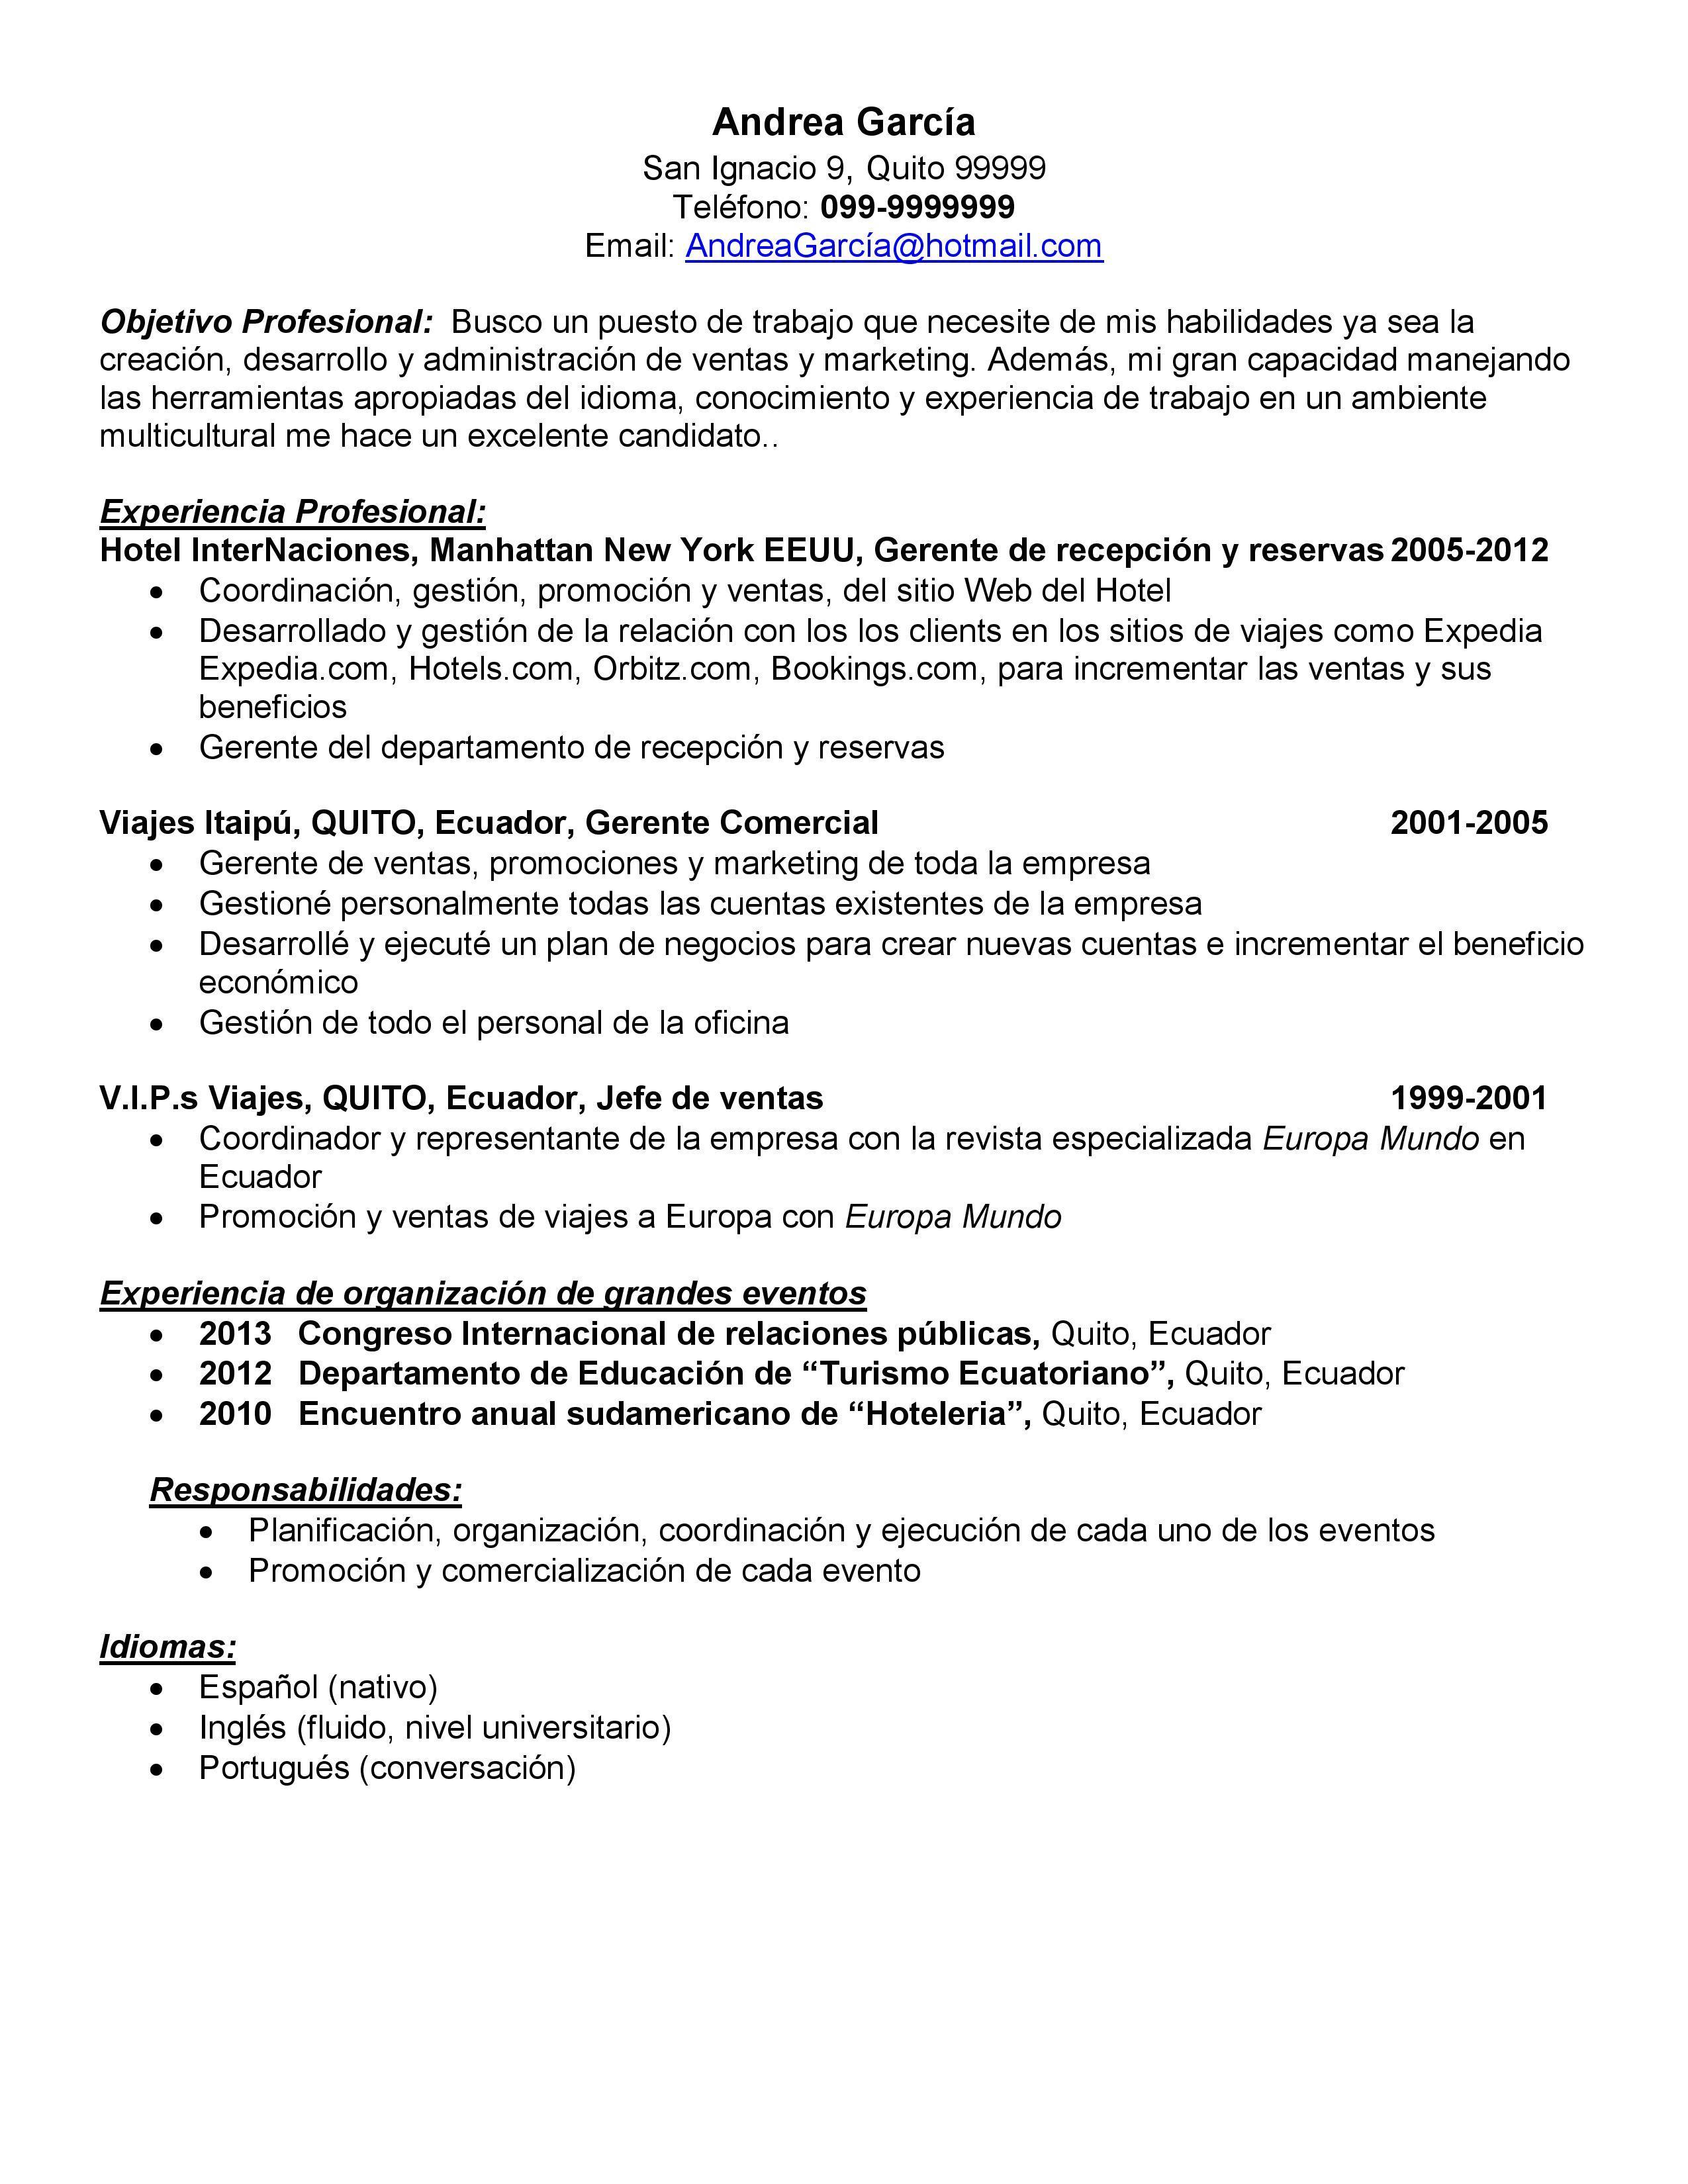 Demo de: Currículum vitae para promotor de ventas - Paperblog